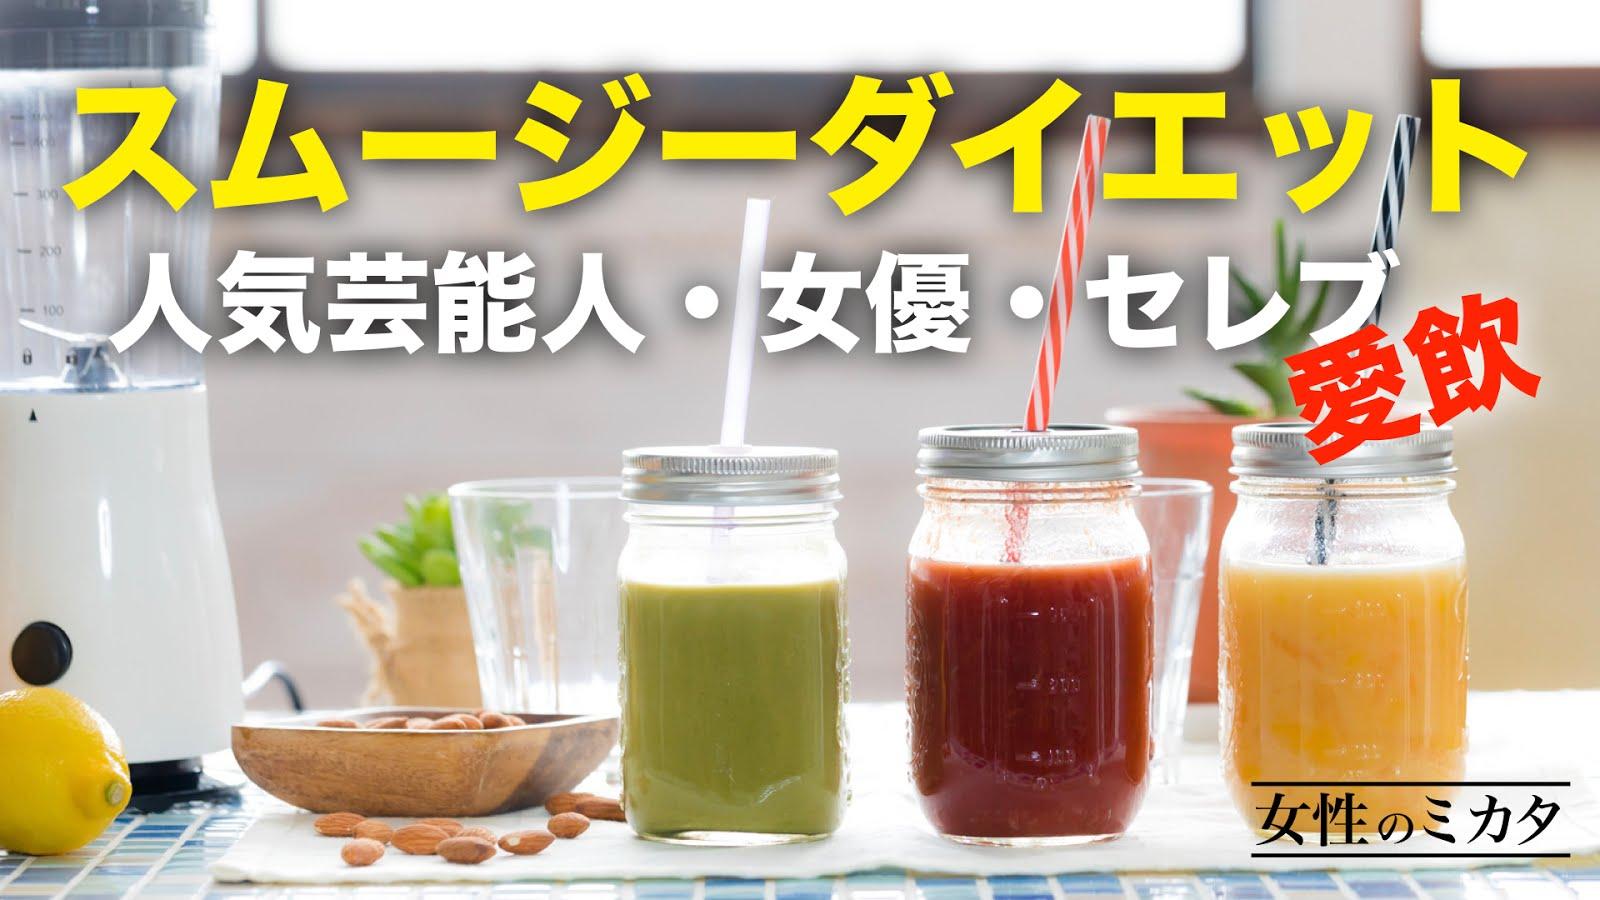 【スムージーダイエット】石原さとみ、新垣結衣ら実践のセレブ美容法/